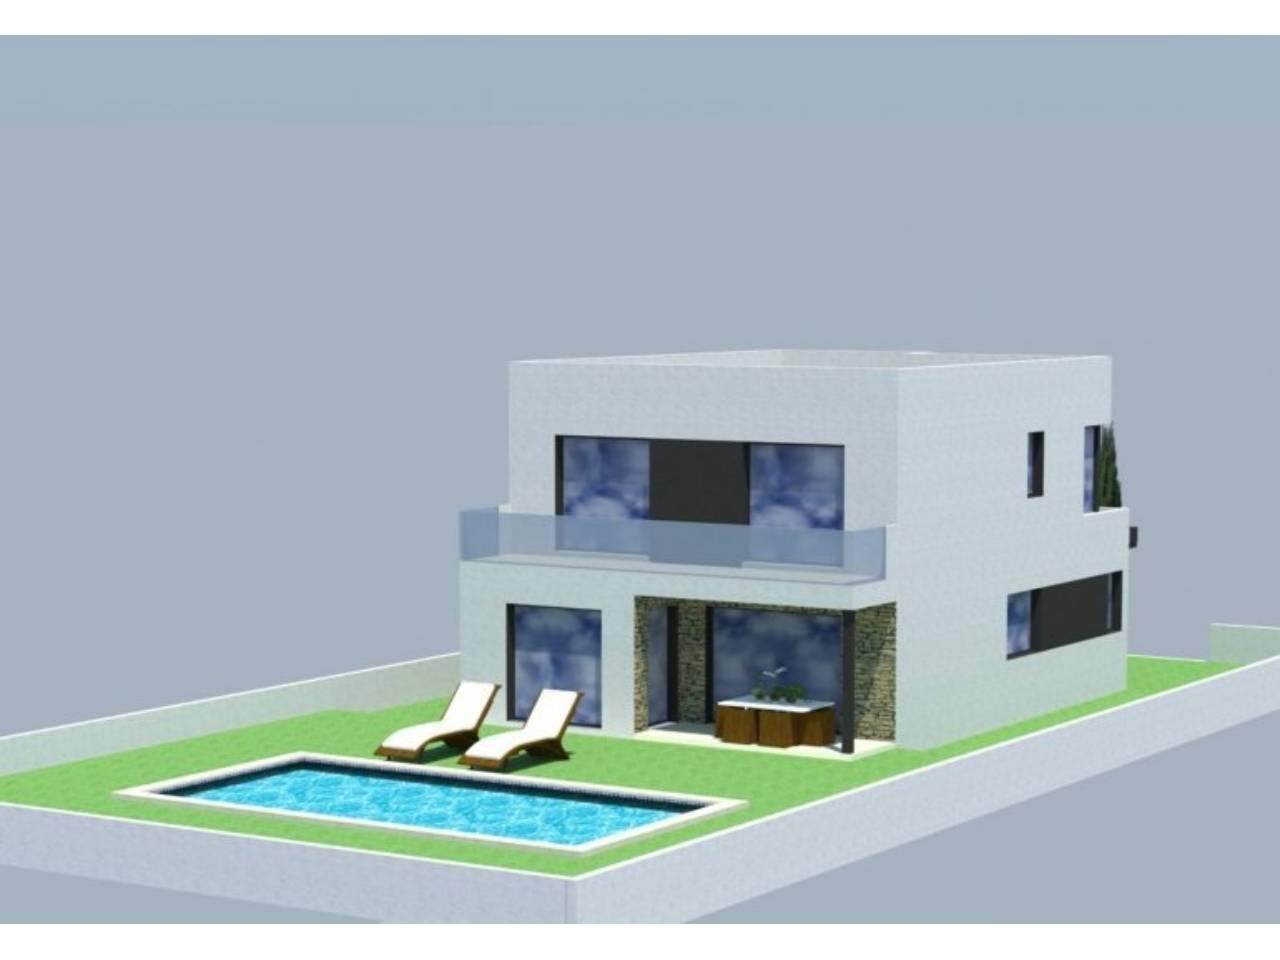 060246 - ROSES -LA GARRIGA House model REQUESENS